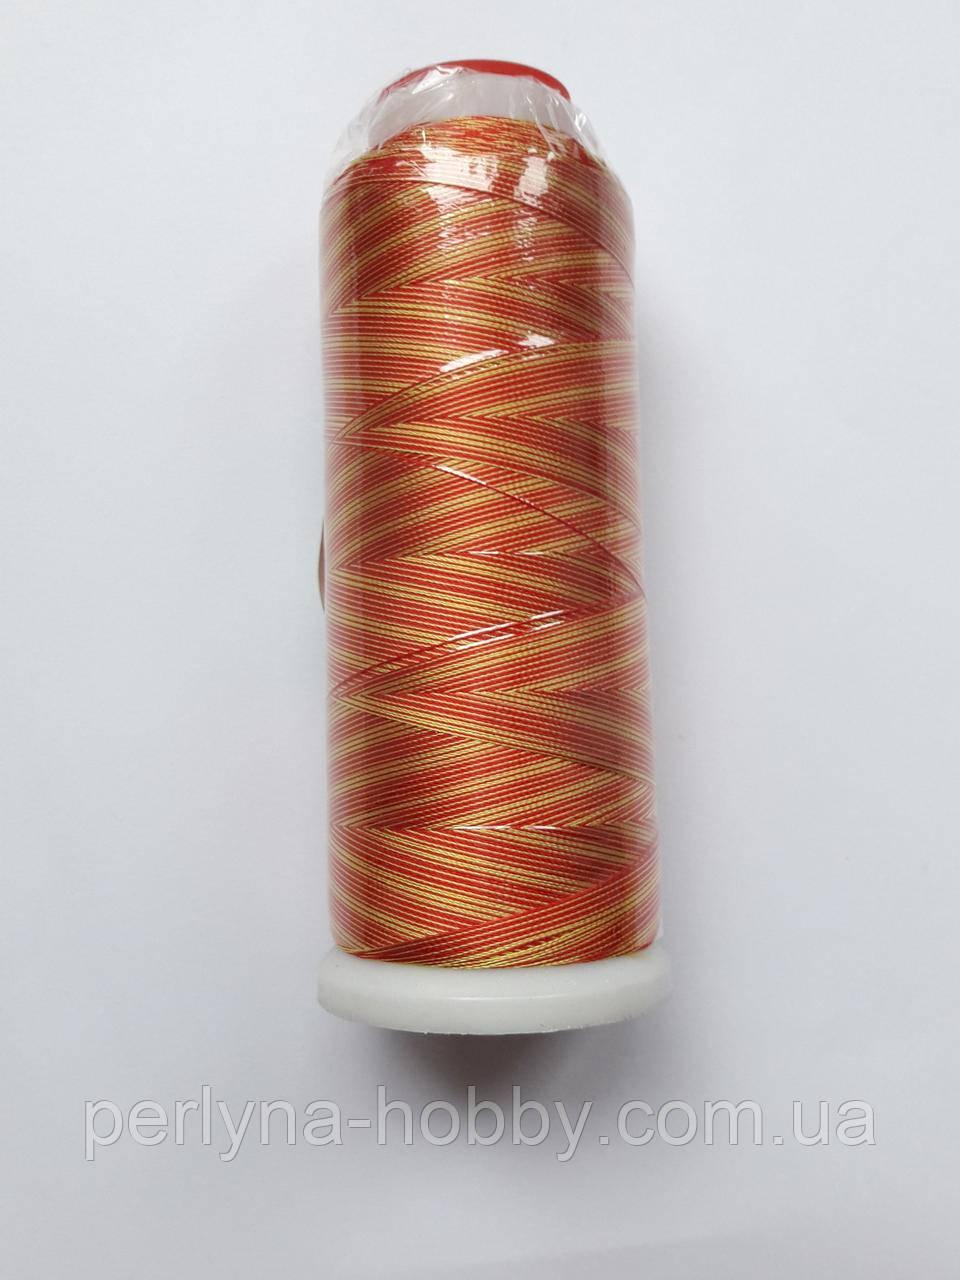 Нитки для машинної вишики меланж 100% віскоза (100% rayon) 3000 ярдів, № 012, жовто-червона